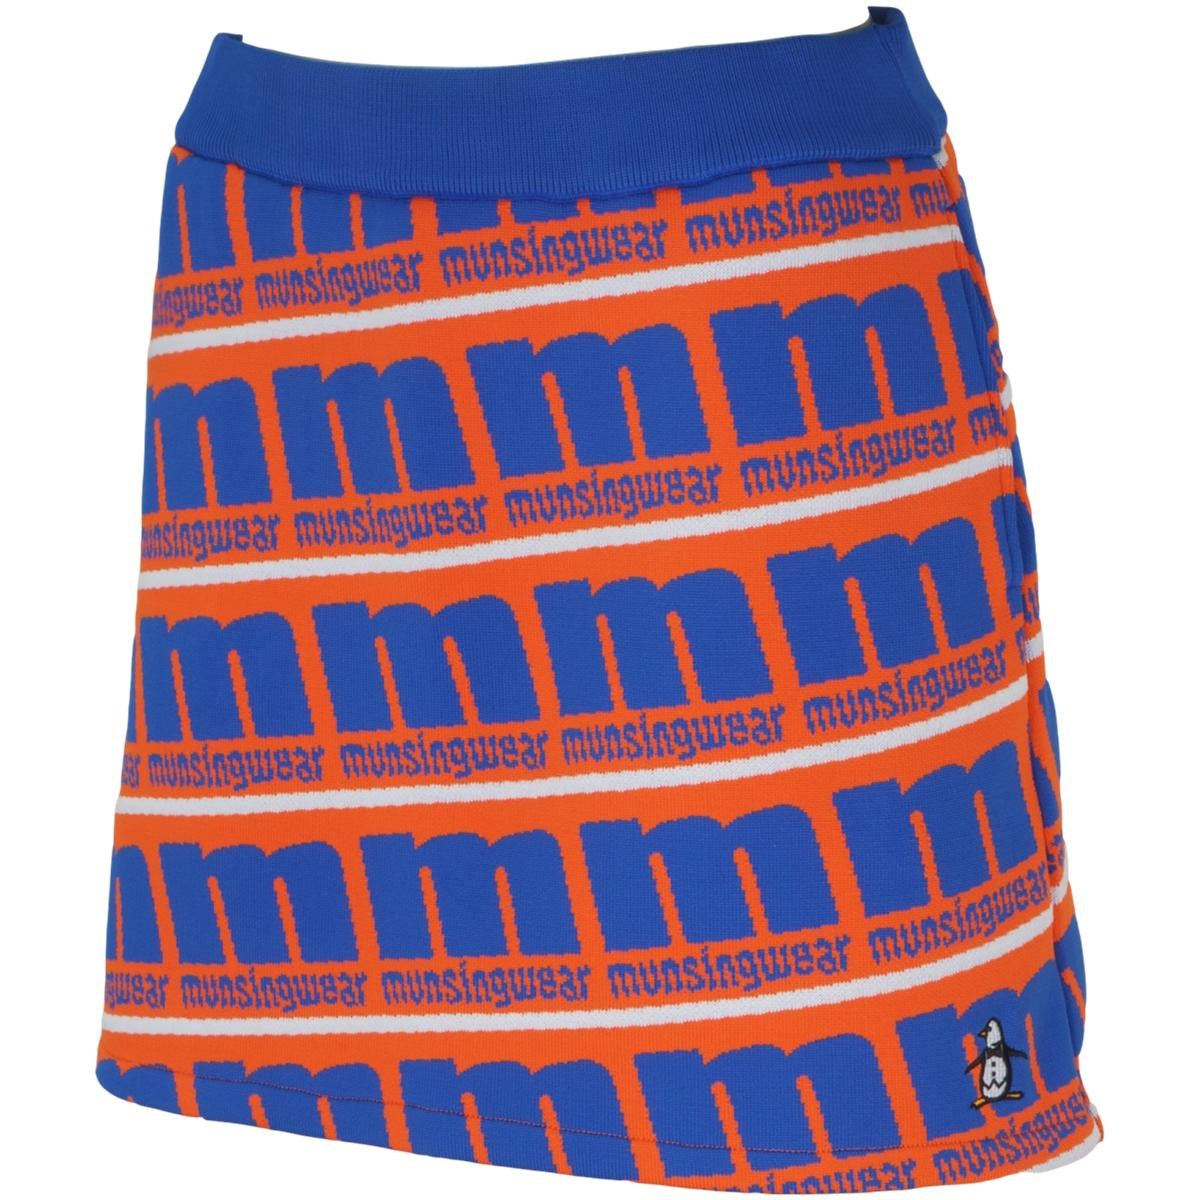 マンシングウェア Munsingwear ENVOY ロゴニットスカート LL ブルー 00 レディス